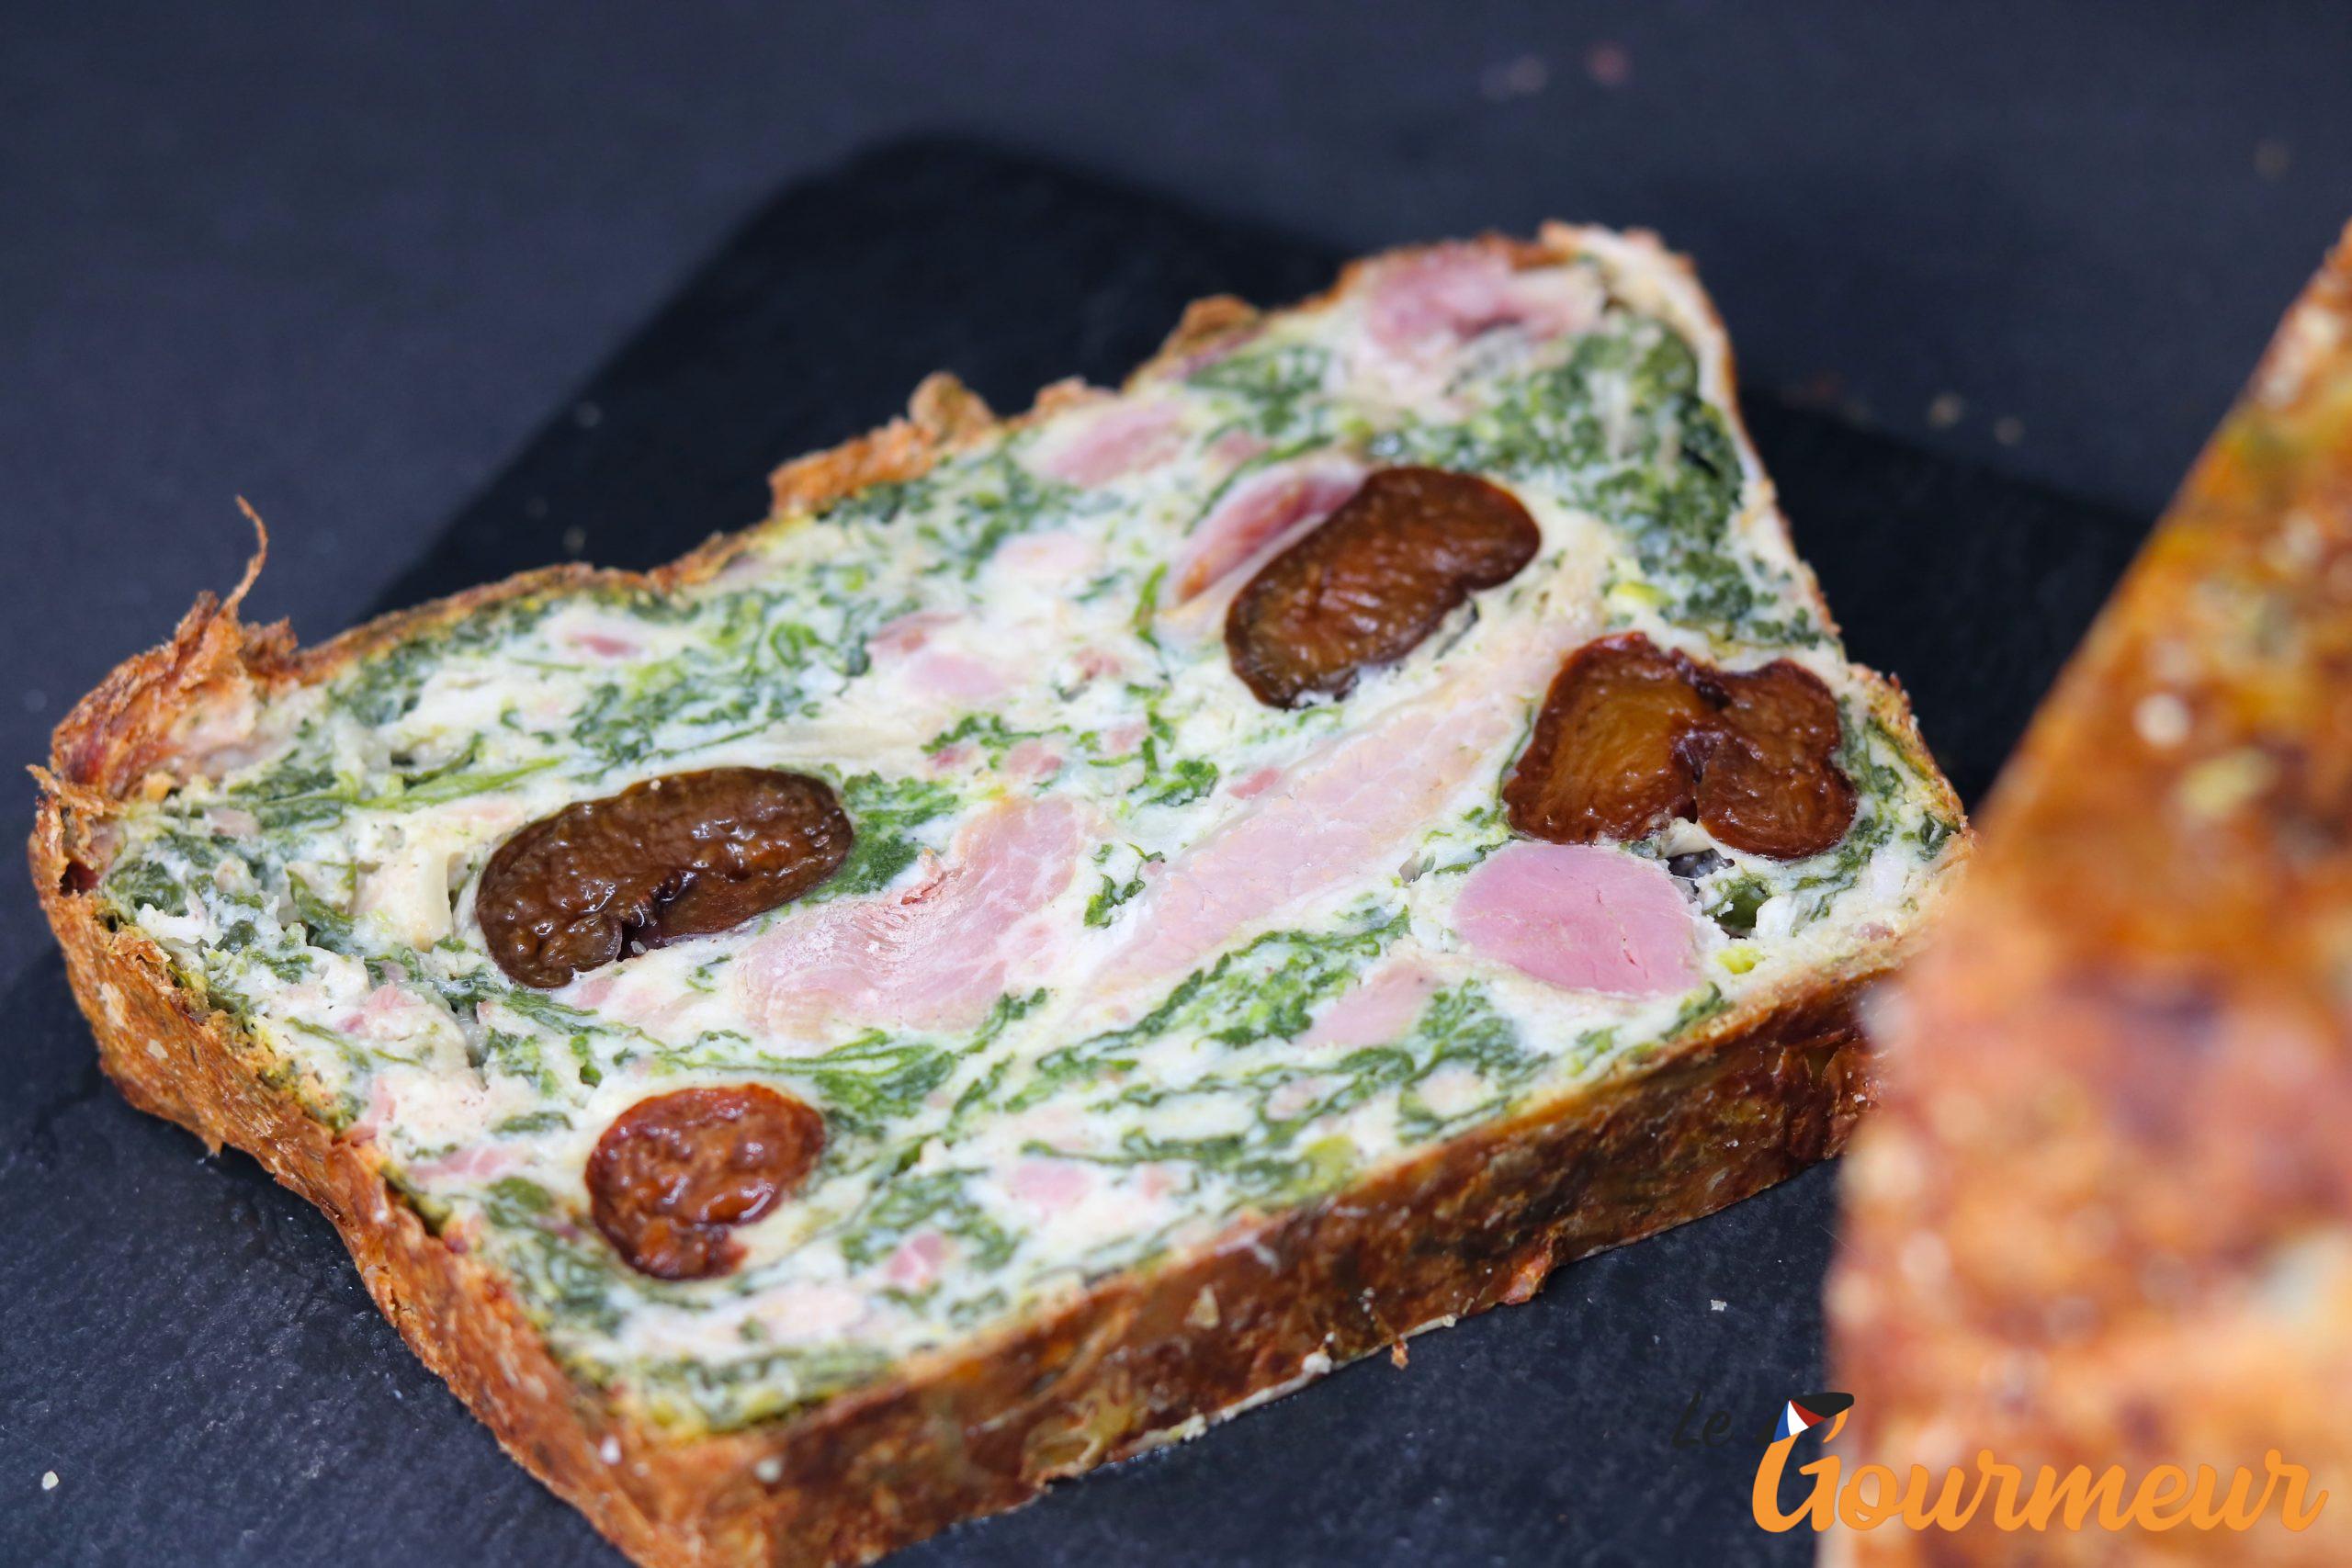 pounti recette et plat d'Auvergne